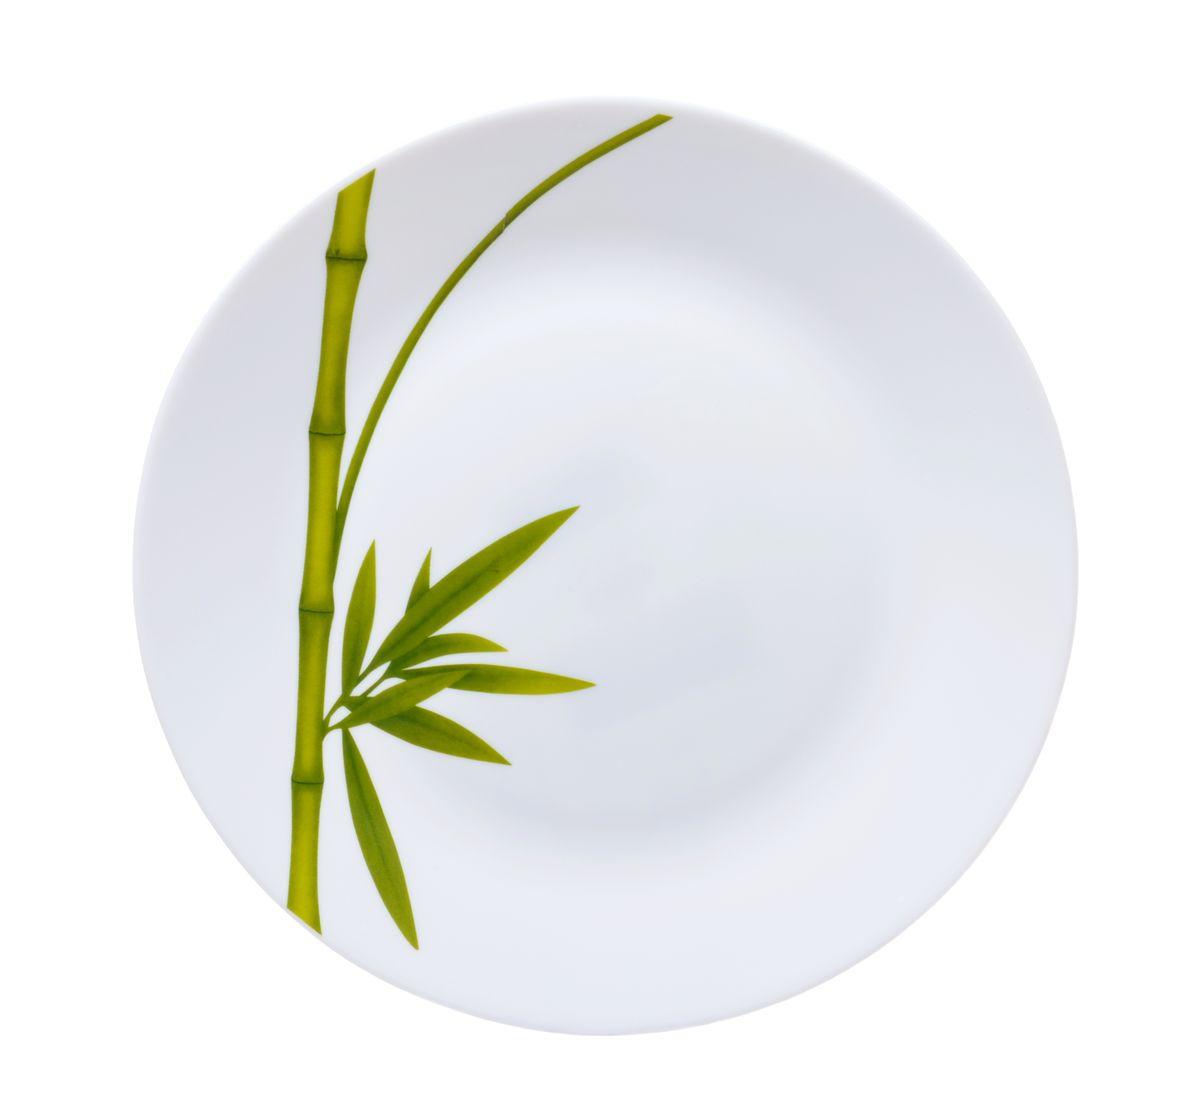 Тарелка для горячего La Opala Бамбук, диаметр 26,5 см54 009312Тарелка для горячего La Opala Бамбук изготовлена из высококачественной стеклокерамики. Предназначена для красивой подачи различных блюд. Изделие декорировано ярким изображением стебля бамбука. Такая тарелка украсит сервировку стола и подчеркнет прекрасный вкус хозяйки.Можно мыть в посудомоечной машине и использовать в СВЧ. Диаметр: 26,5 см.Высота: 2 см.